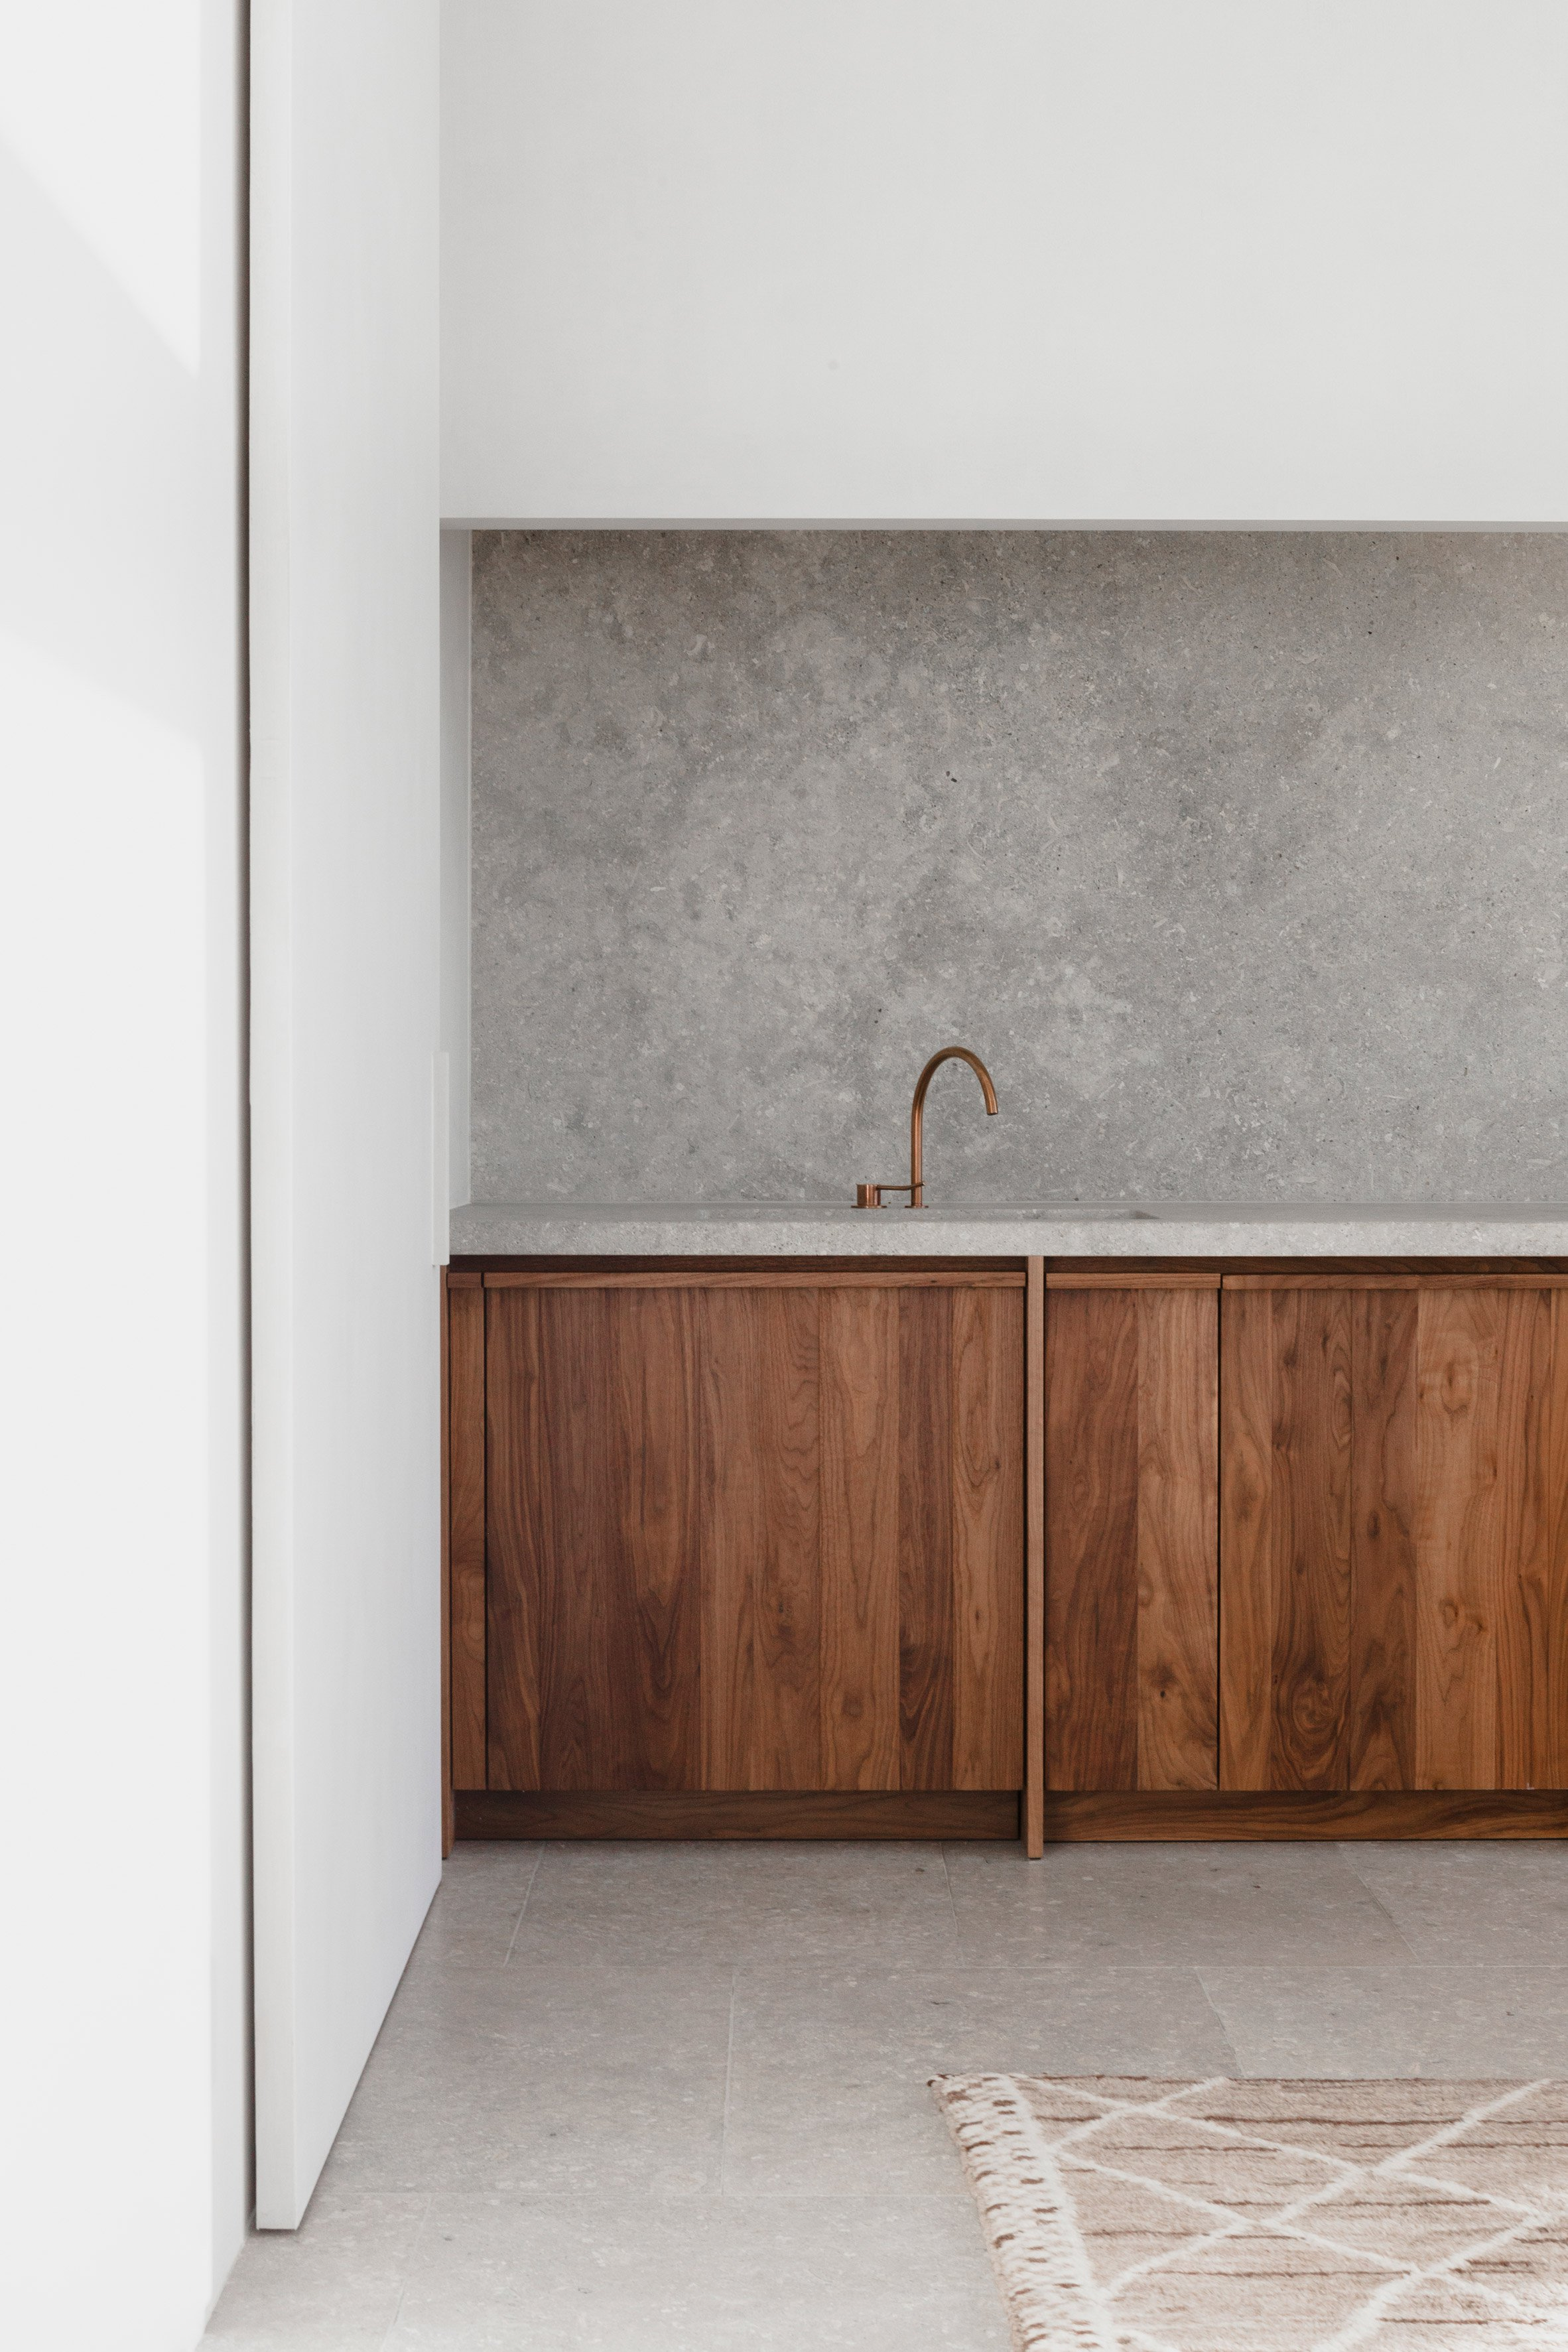 penthouse-westkaai-hans-verstuyft-architecten-interiors-antwerp-belgium_dezeen_2364_col_10.jpg